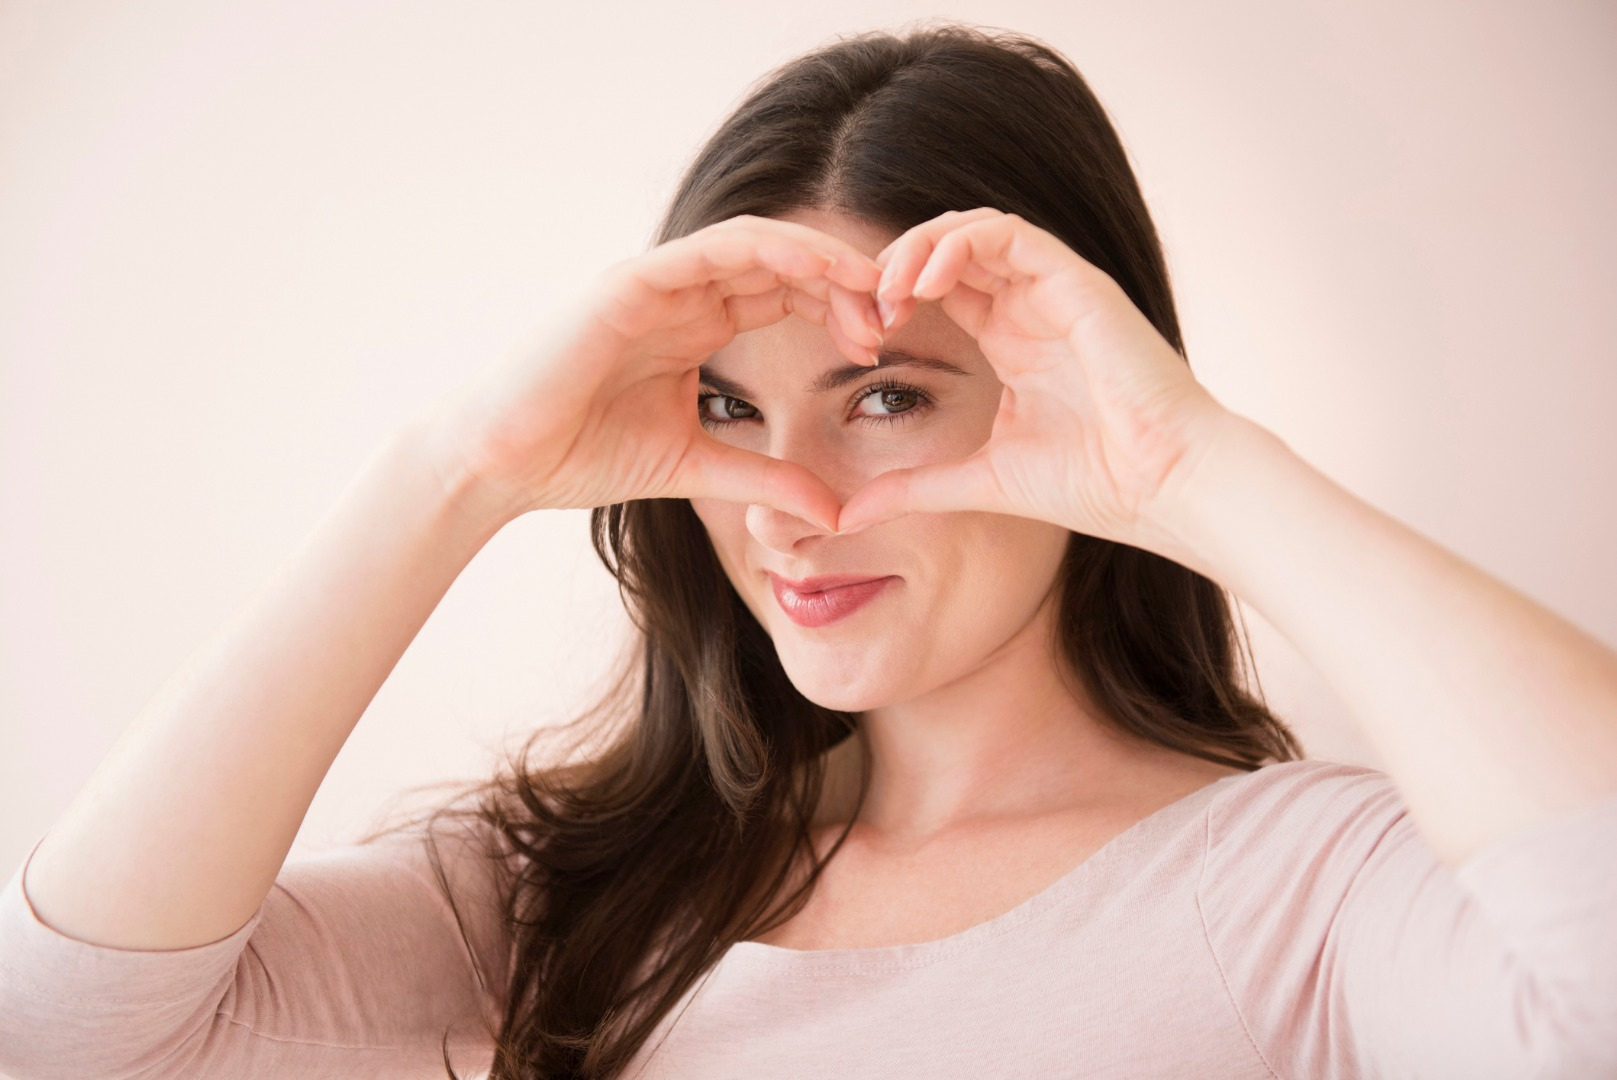 Глаза устали: 4 упражнения для остроты зрения